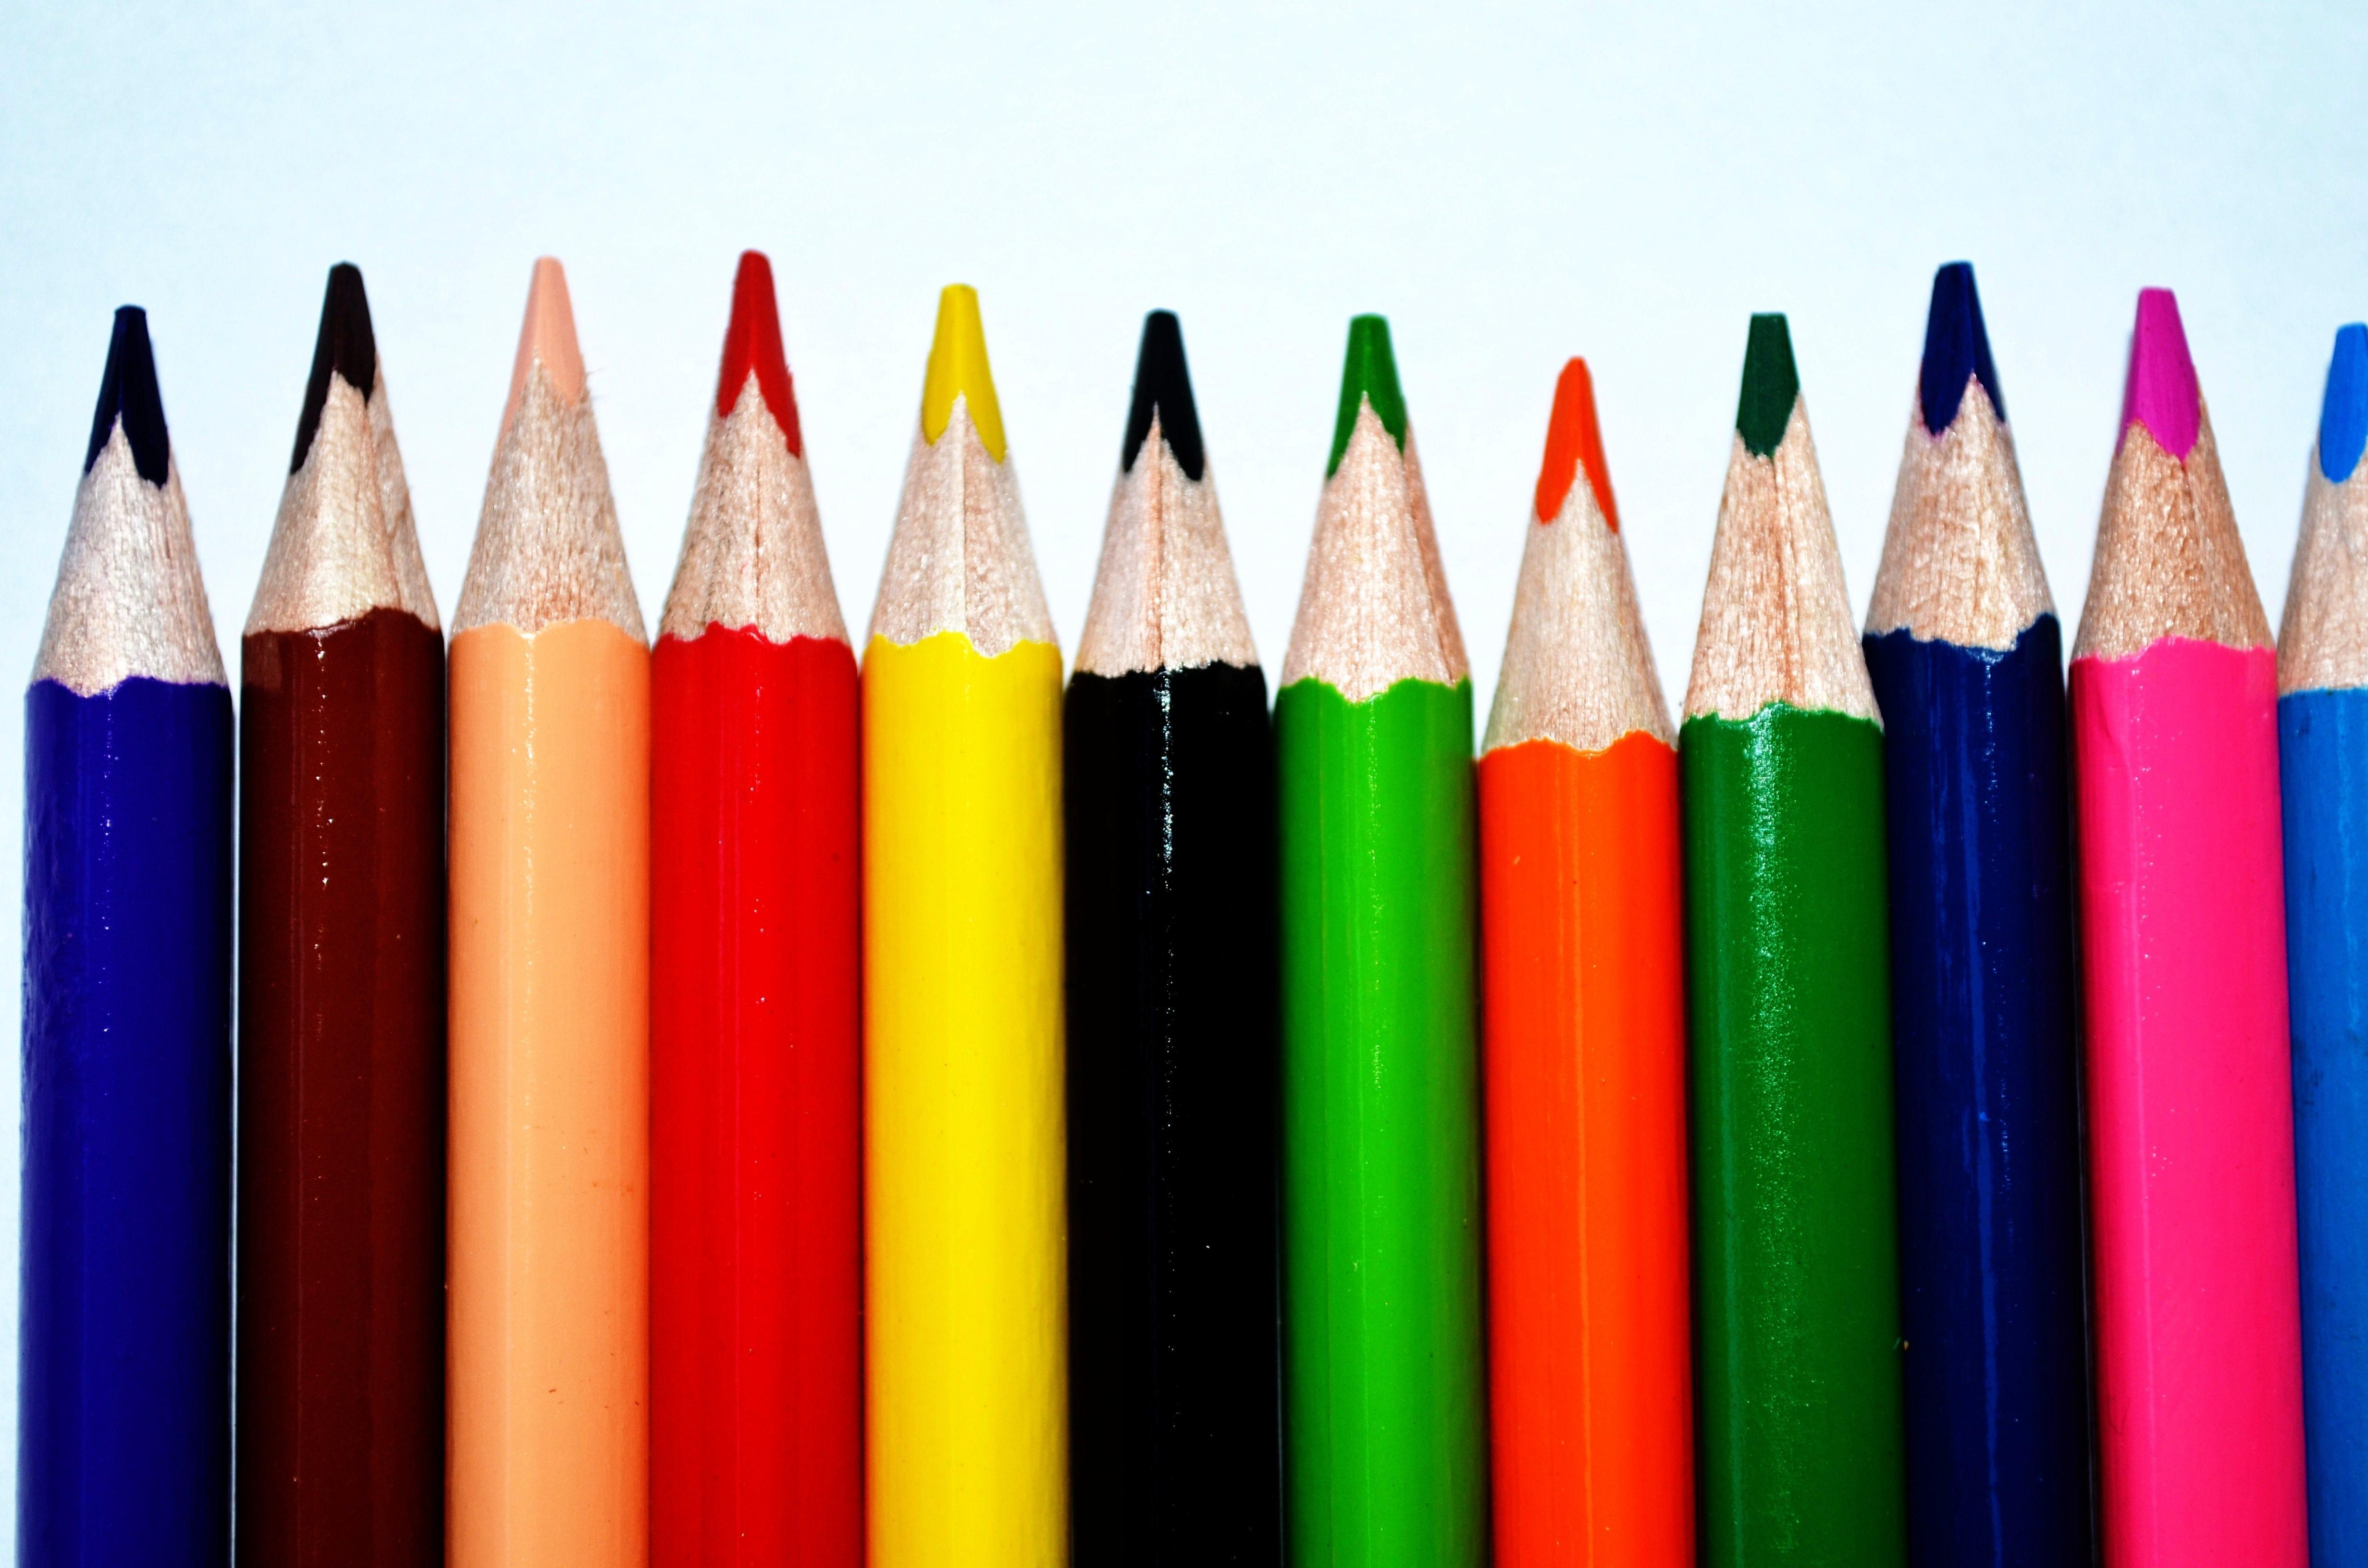 images gratuites crayon violet orange vert rouge couleur marron bleu jaune couleurs. Black Bedroom Furniture Sets. Home Design Ideas